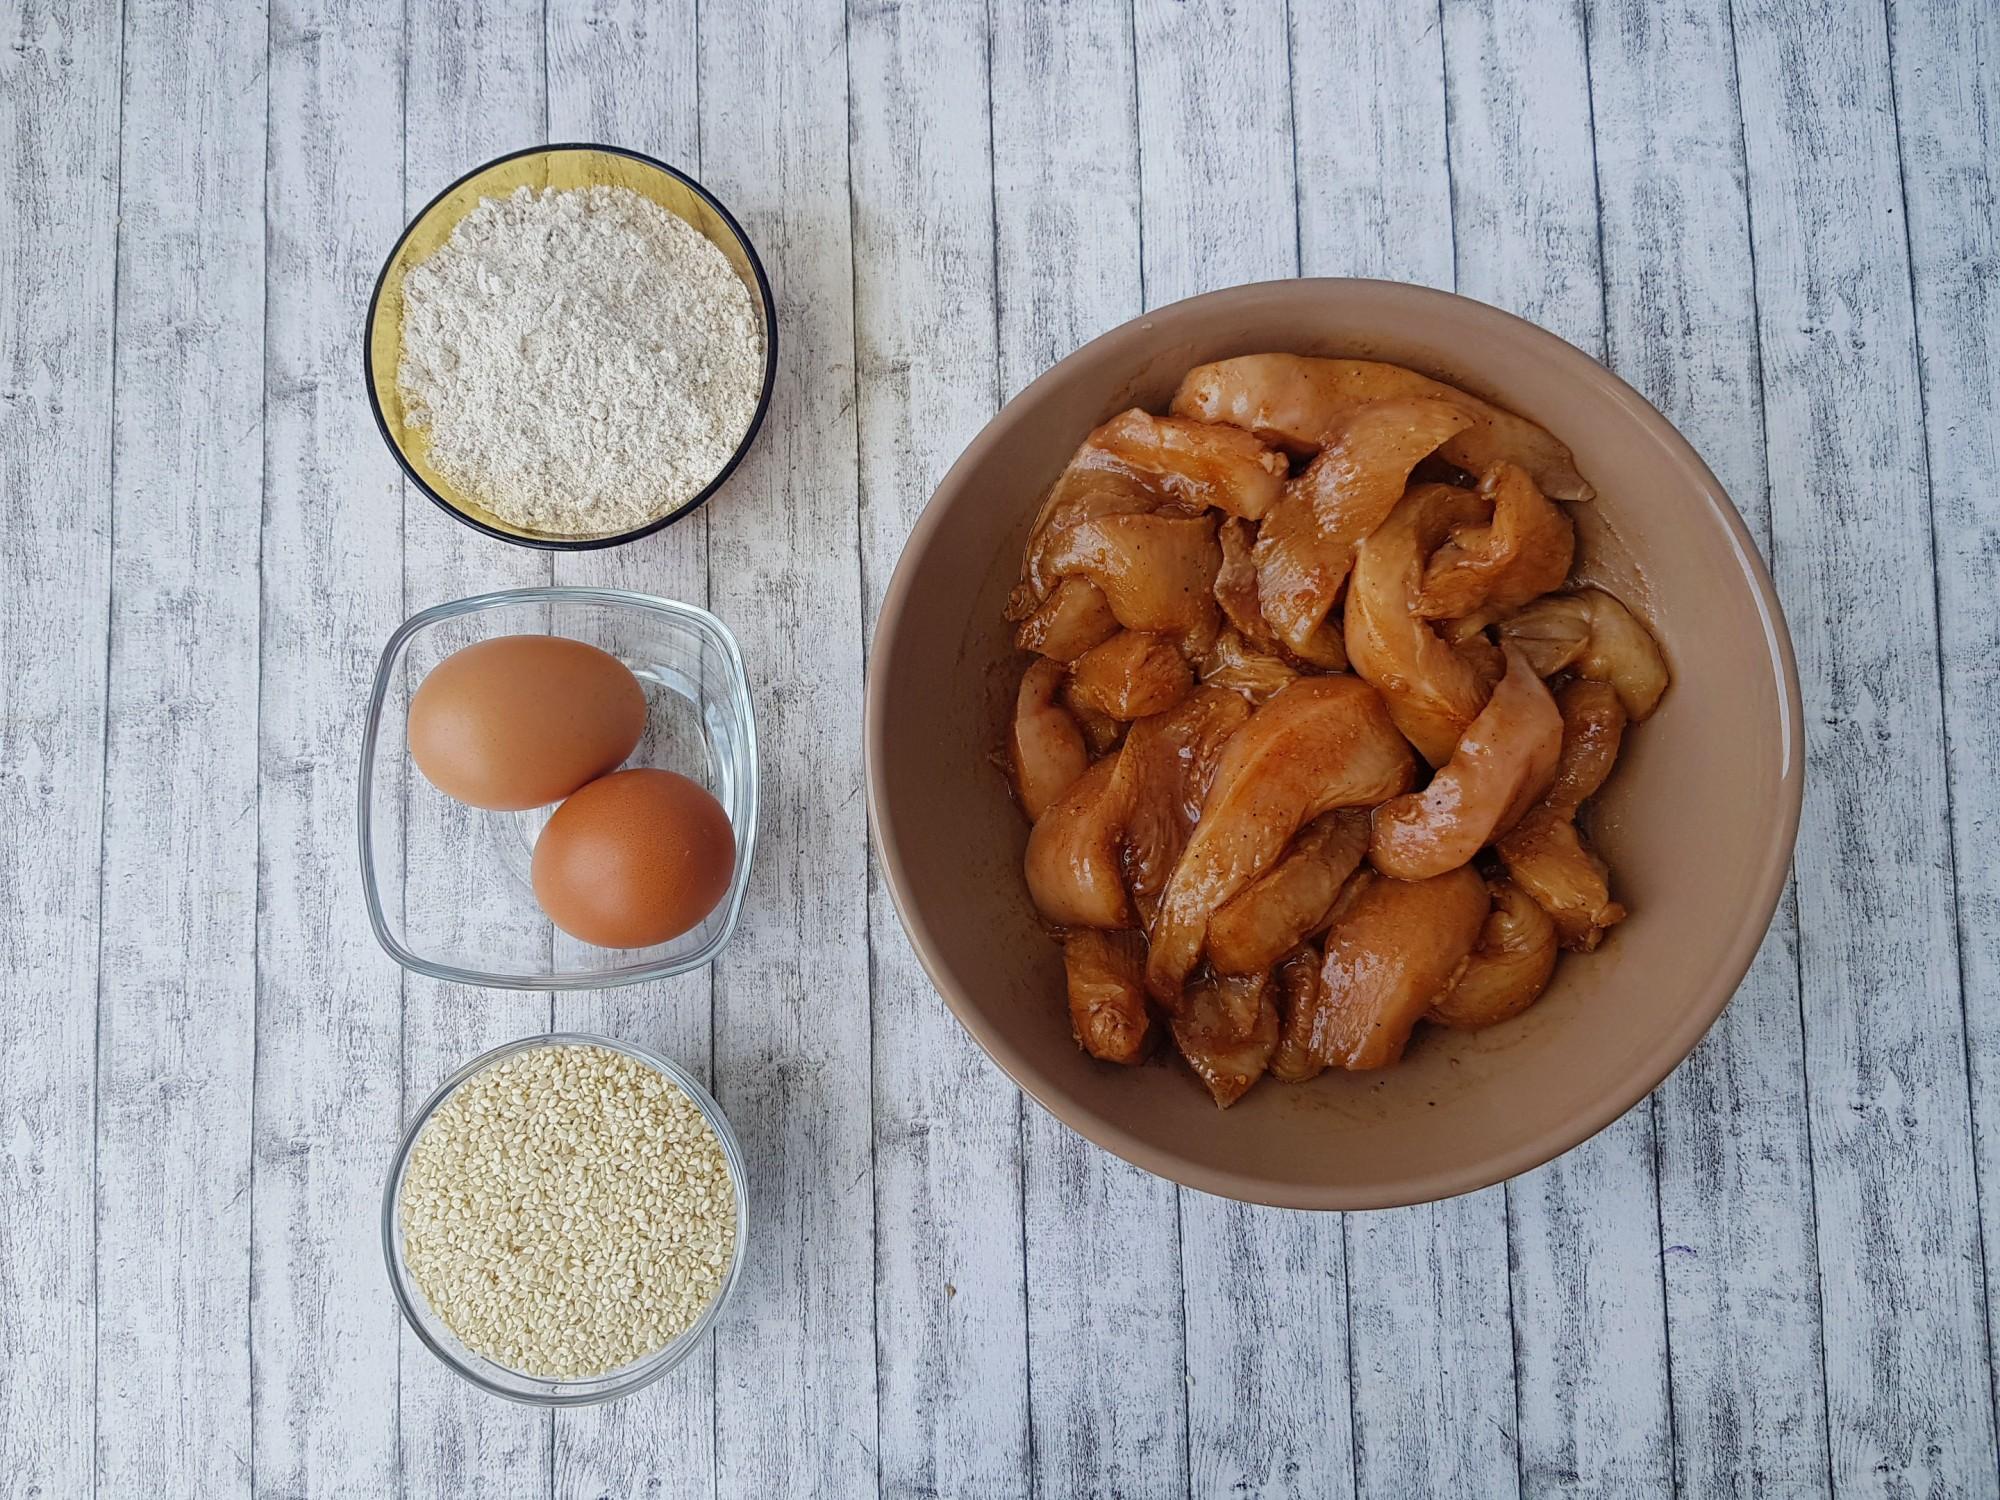 piept de pui în crustă de susan - foodieopedia